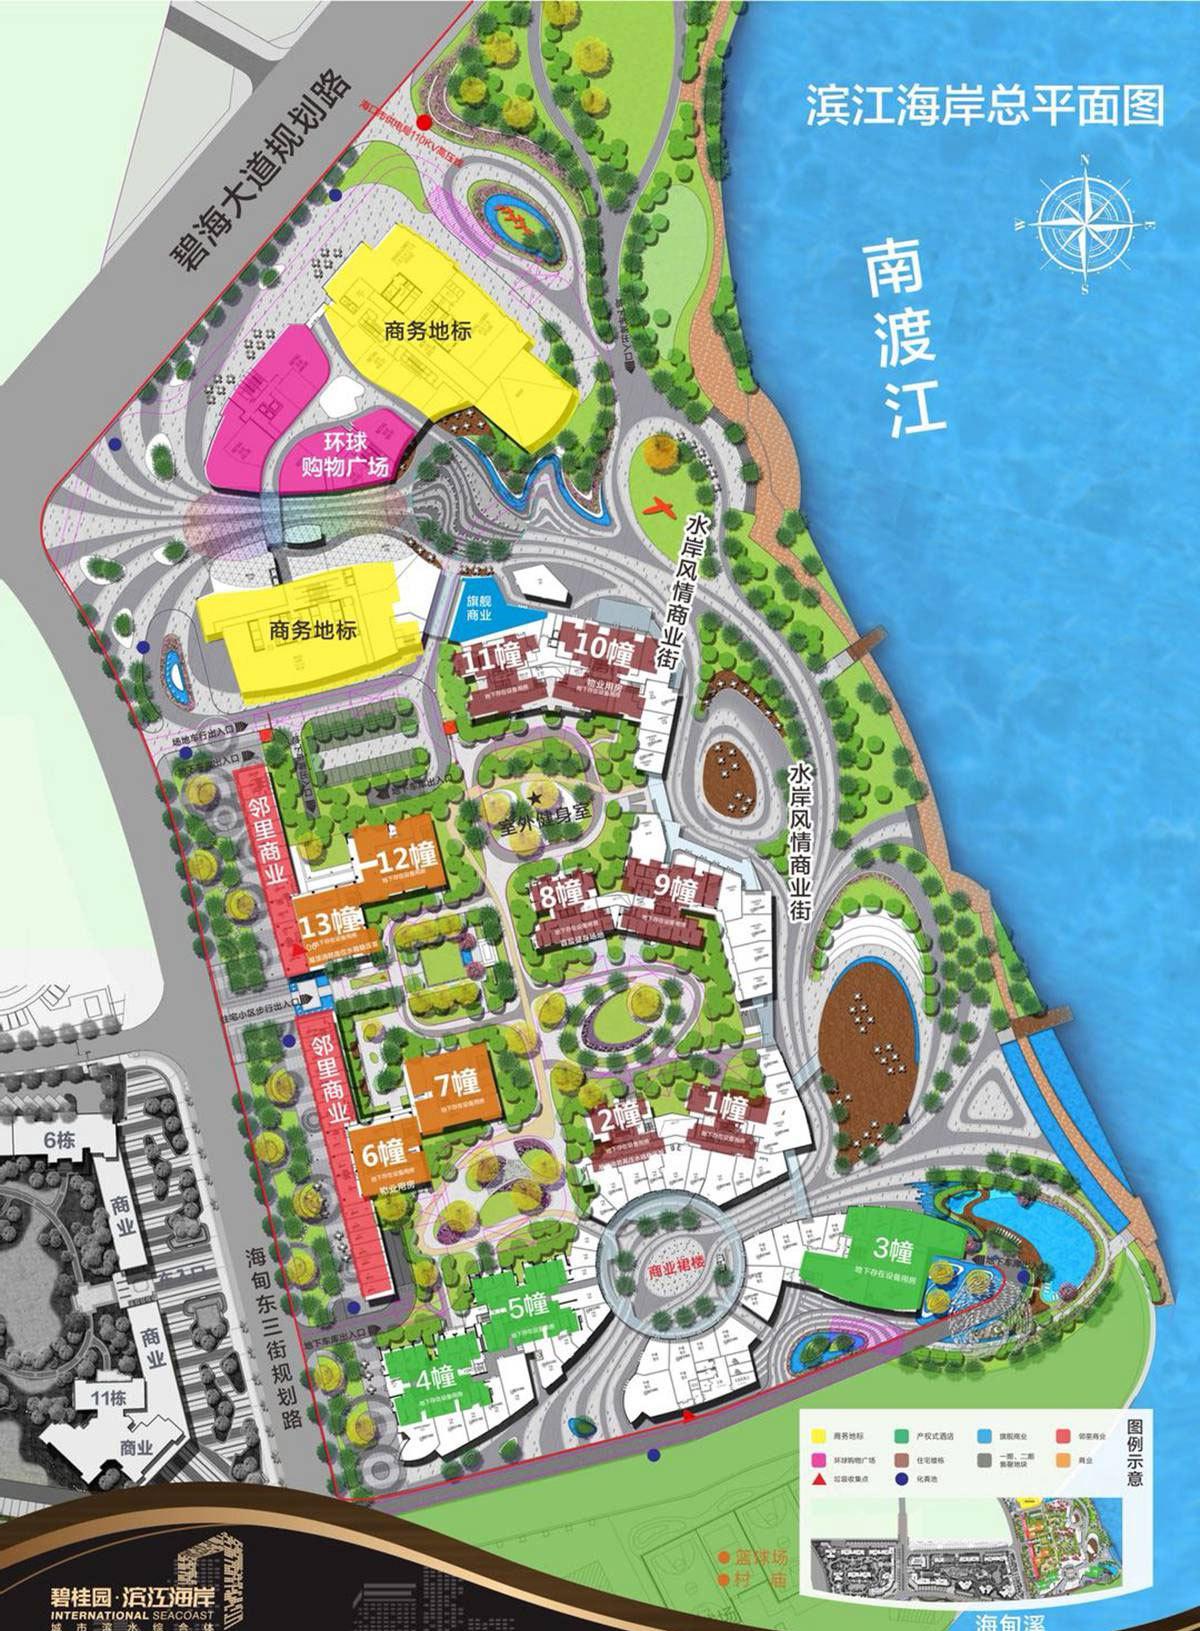 碧桂园滨江海岸 平面分布图